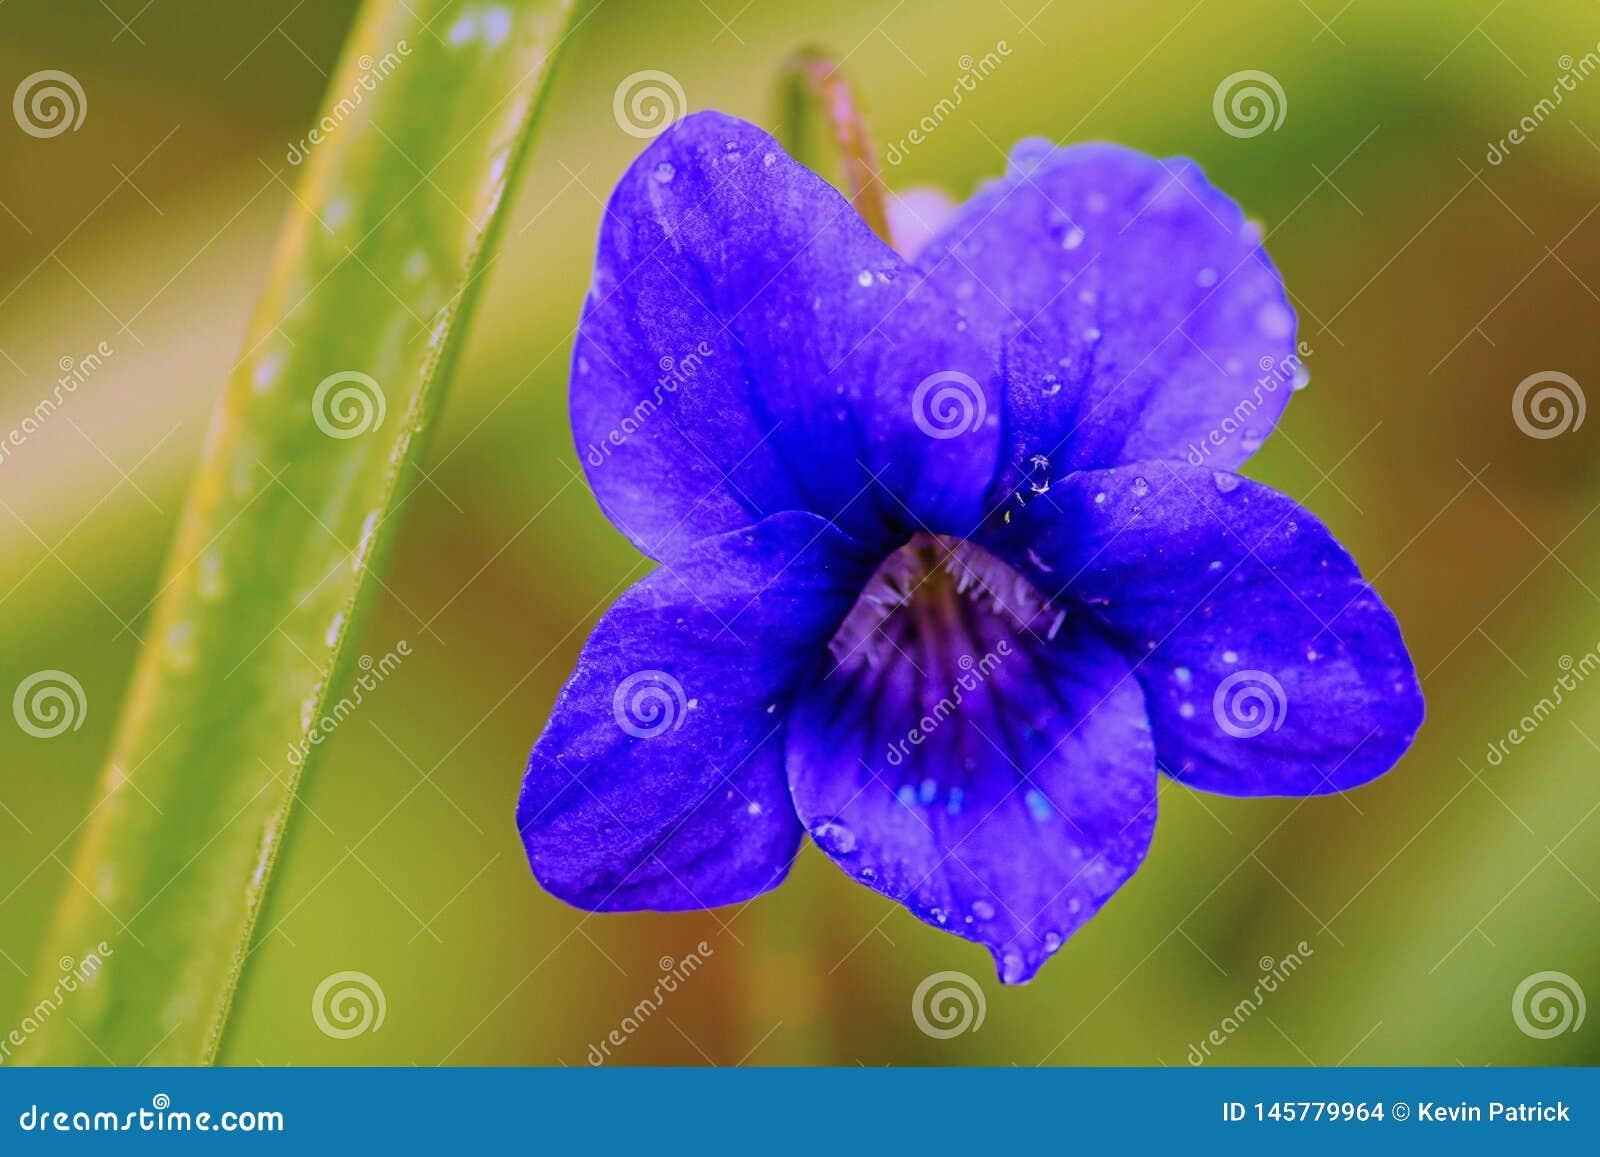 Violeta de madera - Viola Odorata - en la plena floración en un ajuste del arbolado